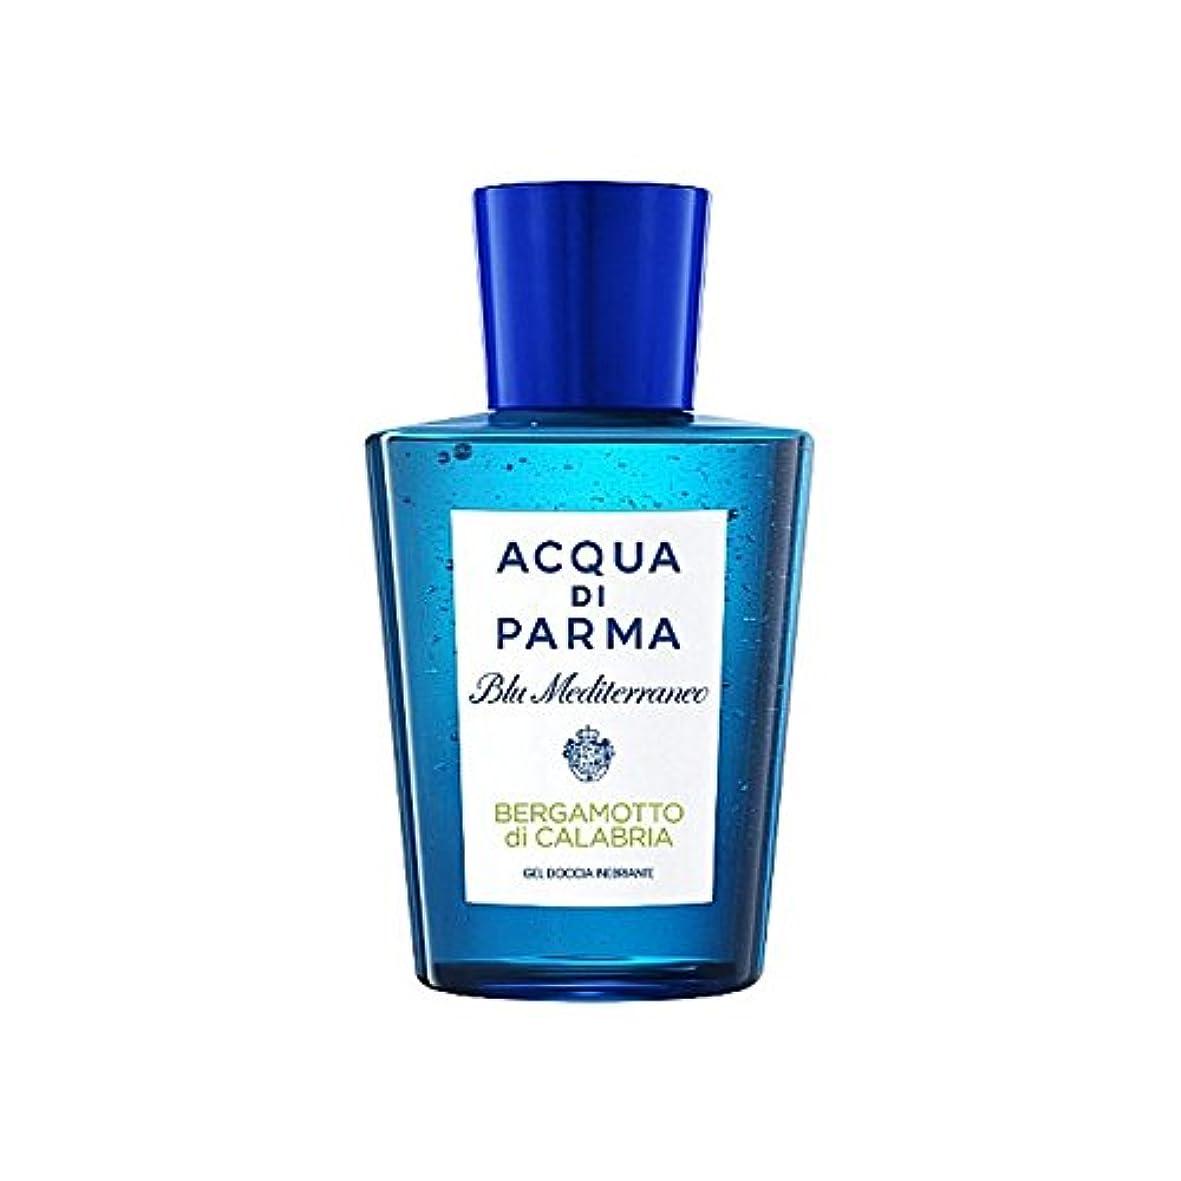 出費デュアルくさびAcqua Di Parma Blu Mediterraneo Bergamotto Di Calabria Shower Gel 200ml - アクアディパルマブルーメディのディカラブリアシャワージェル200 [並行輸入品]